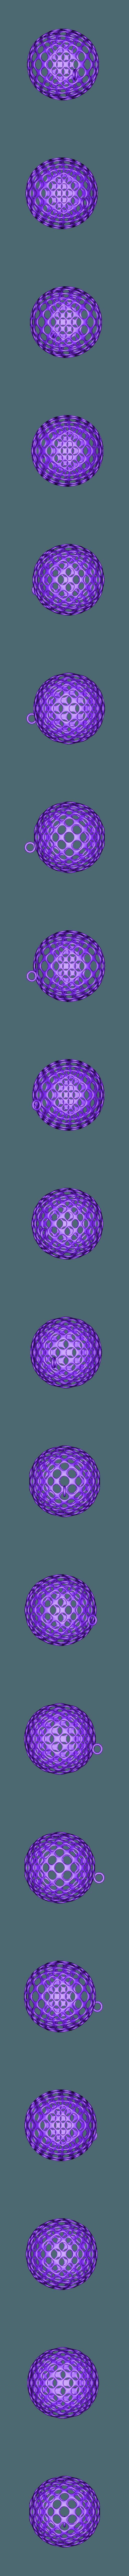 VoronBall.stl Télécharger fichier STL gratuit Balle de type voronoï • Modèle pour impression 3D, DK7